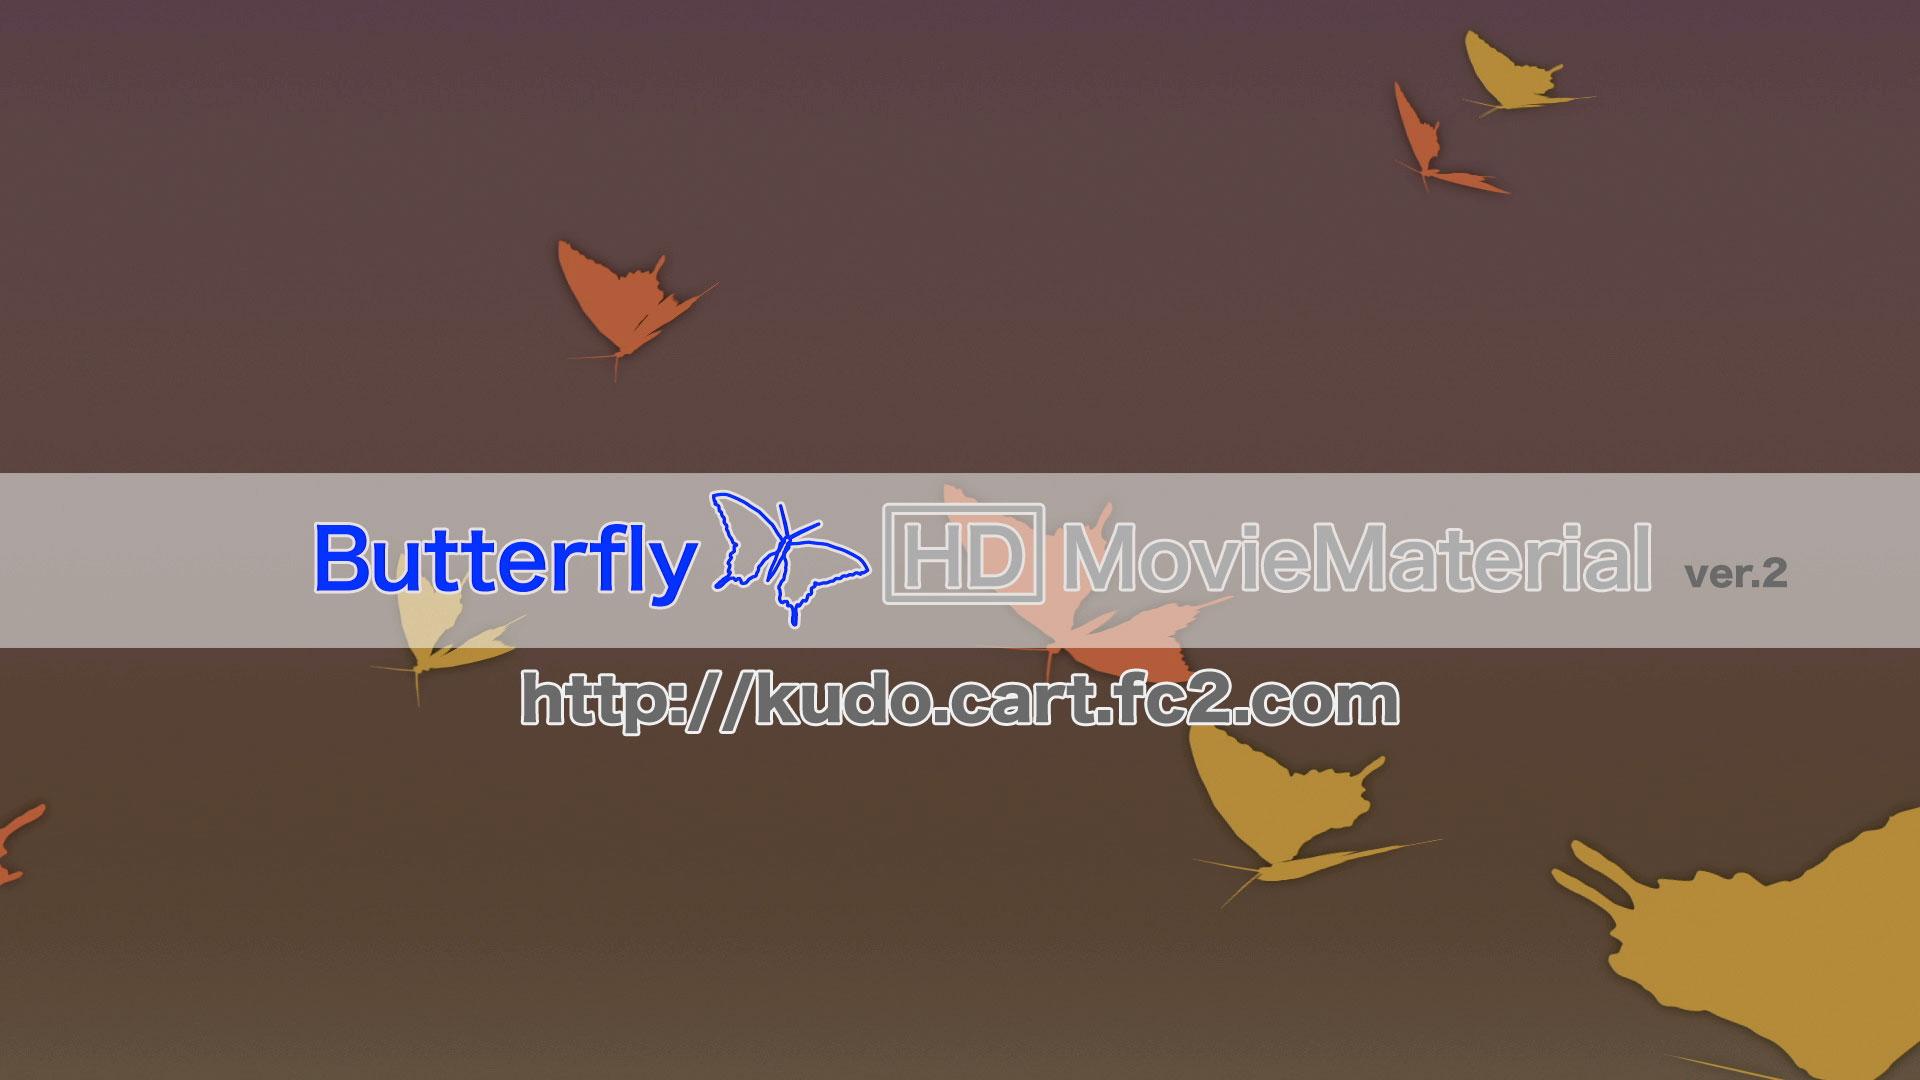 蝶のハイビジョンCG動画素材集【Butterfly HD MovieMaterial】4